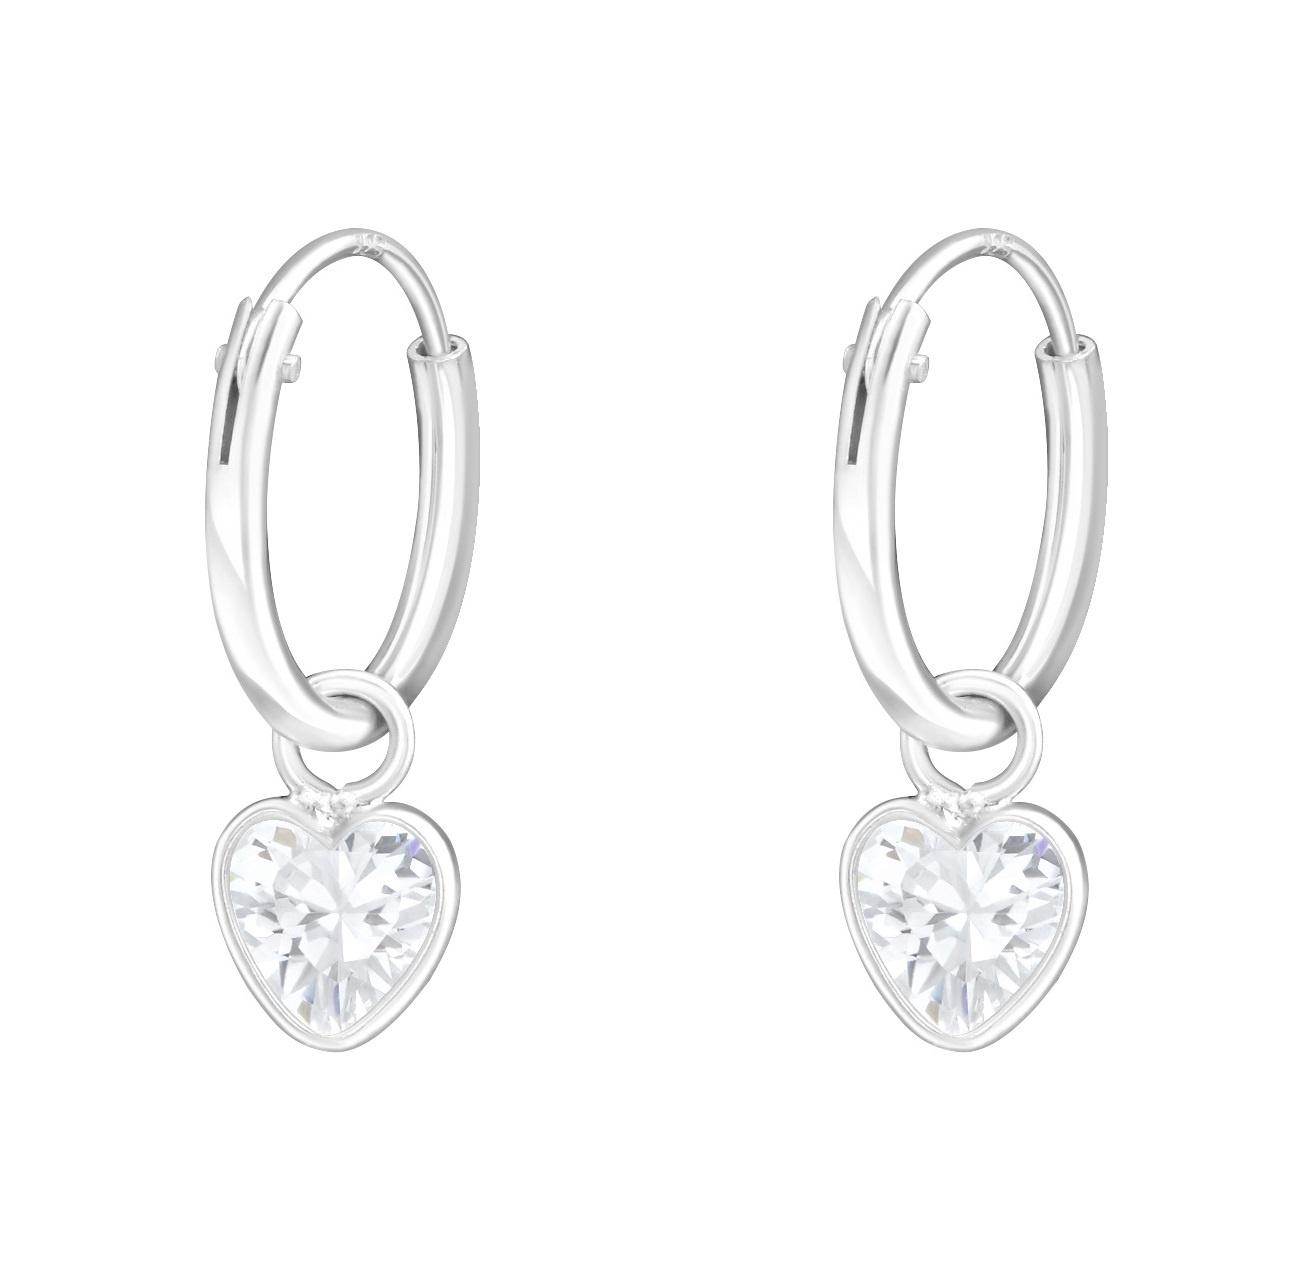 KAYA Silver Creoles 'white crystal hearts'